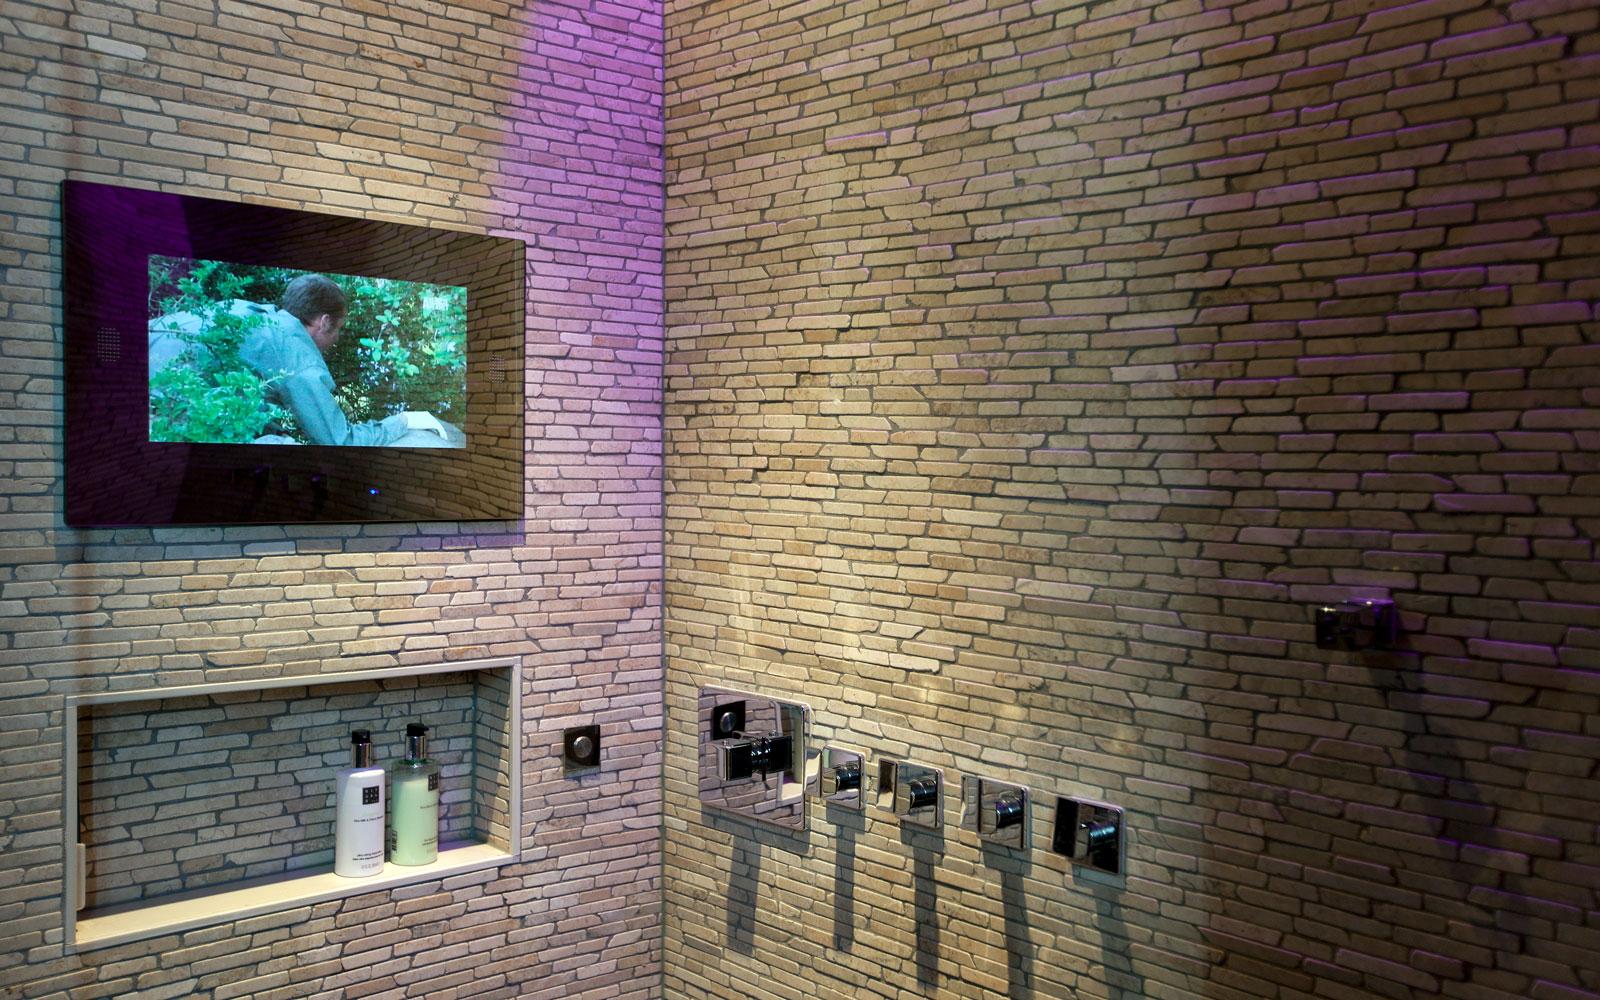 Sanitair, Intercodam, inloopdouche, domotica, televisiescherm, klassiek herenhuis, Kees Marcelis